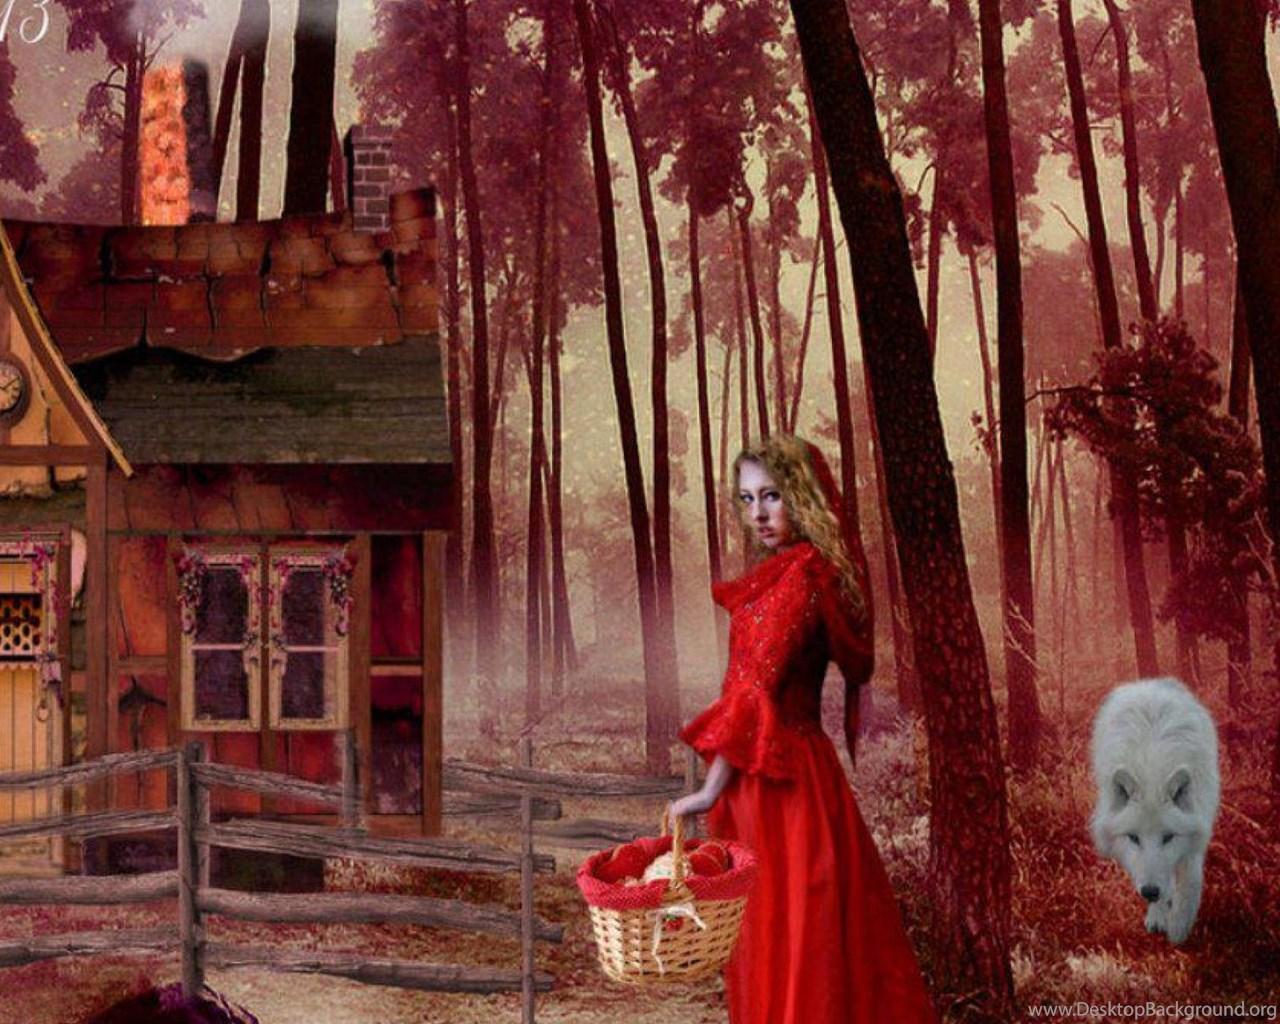 Little Red Riding Hood Wallpaper Desktop Background